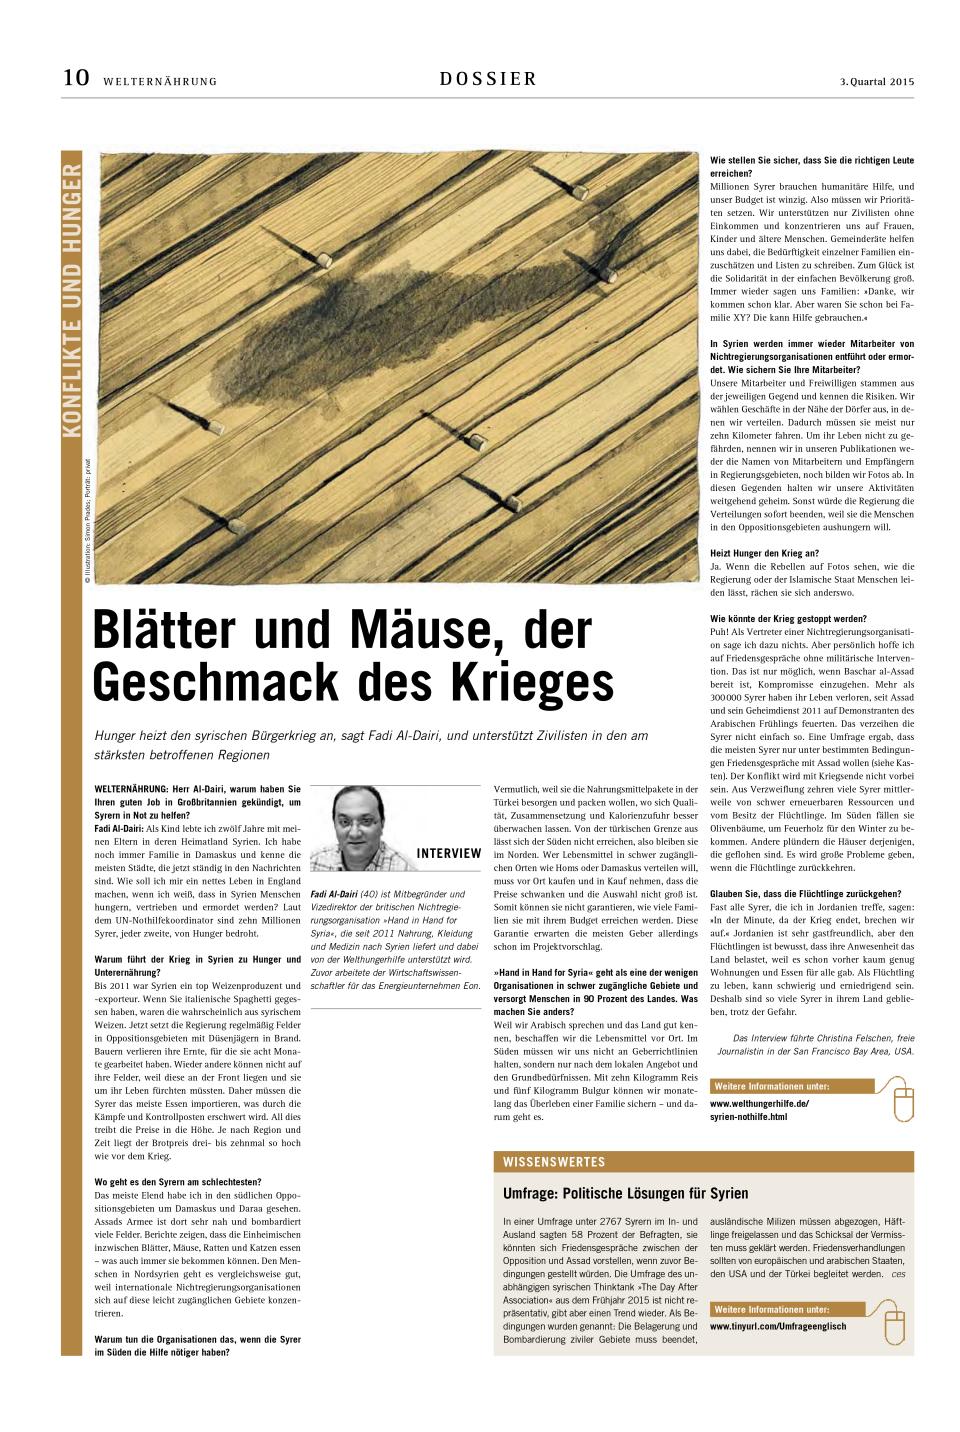 Welternaehrung_Zeitung_Welthungerhilfe_2015-Ausgabe_3_Seite_10_